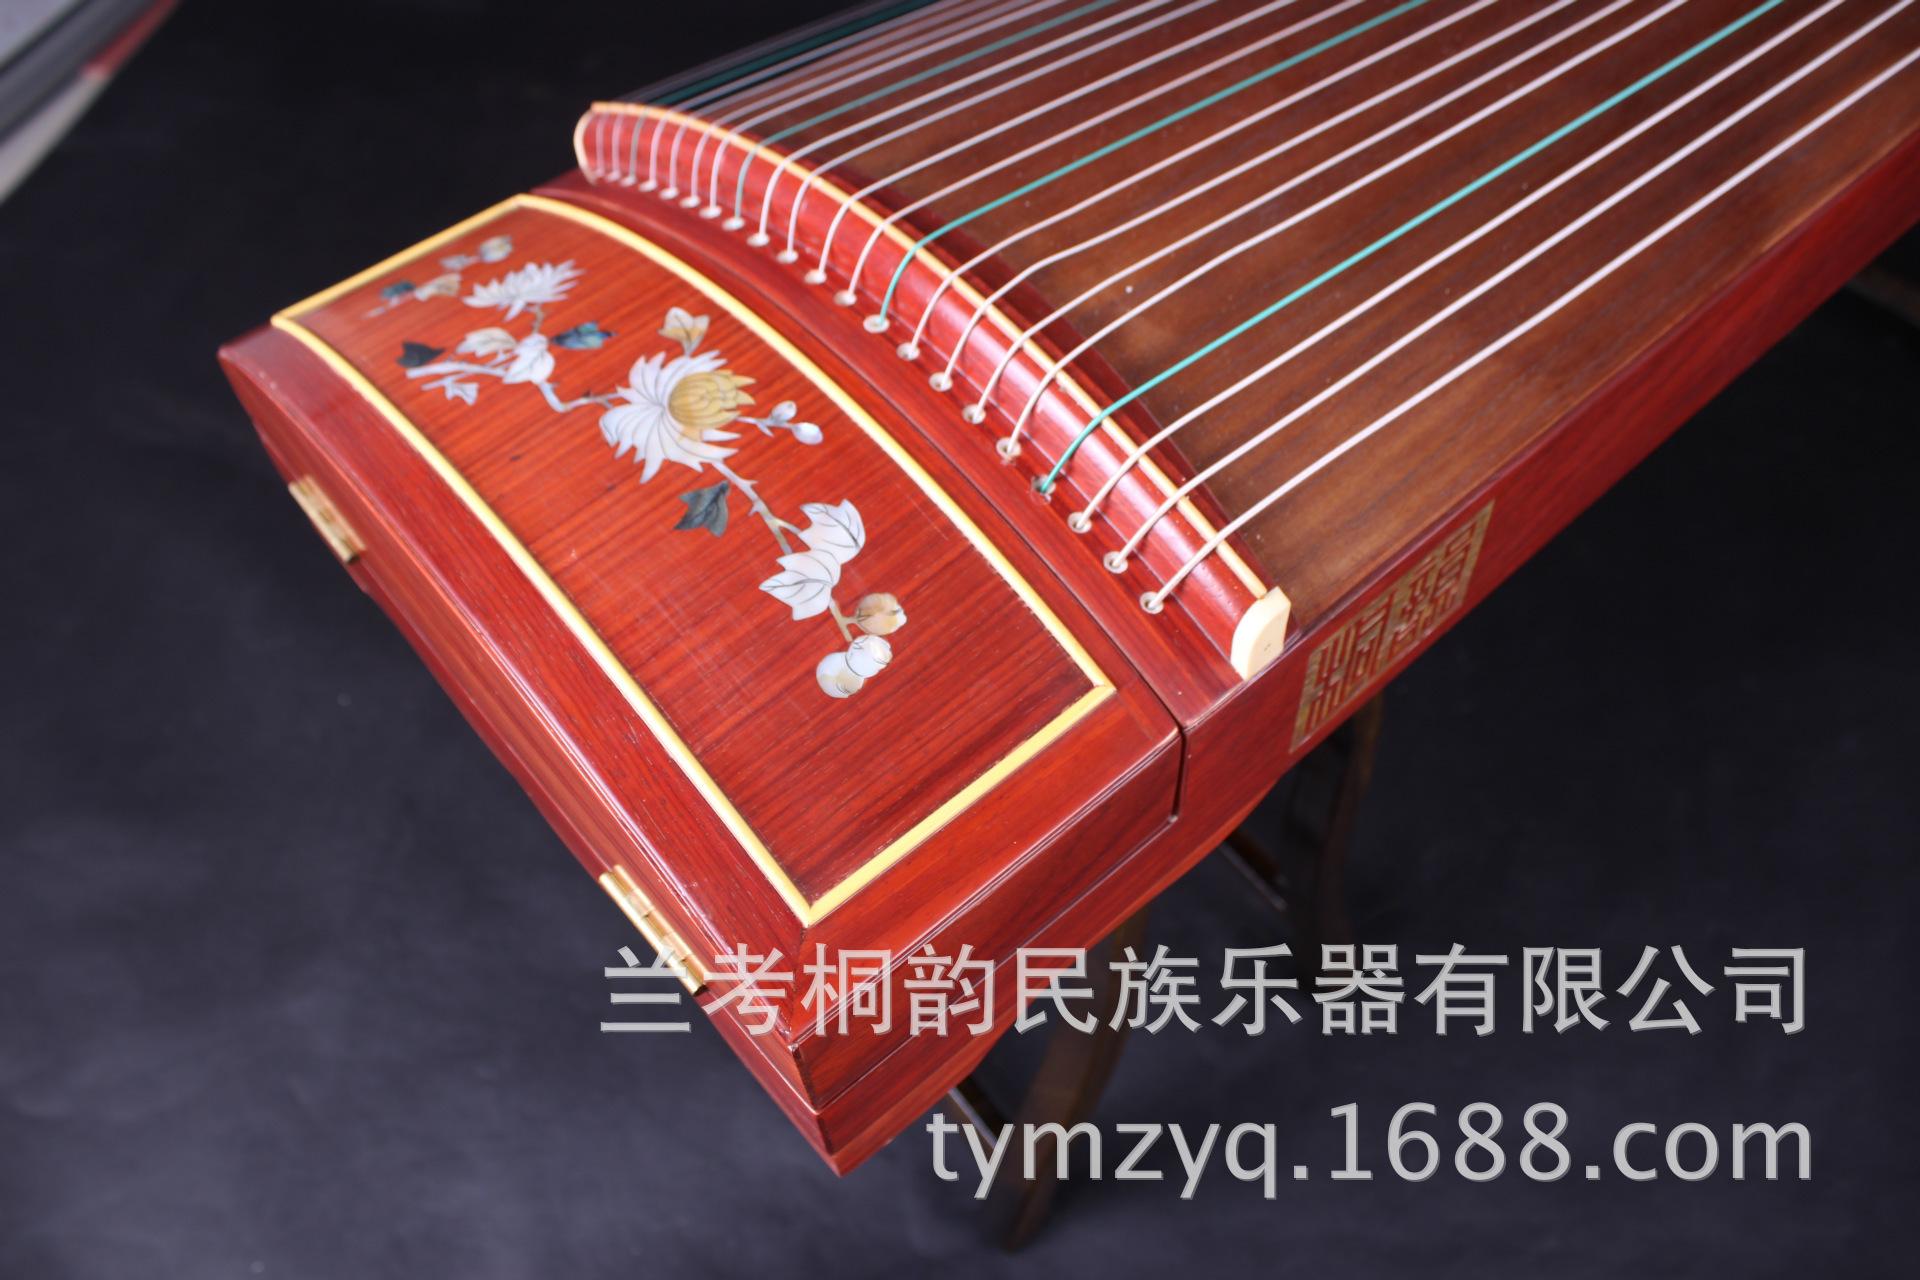 桐韵牌 乐器 古筝 乐器厂家 古筝厂家 古筝批发 民族乐器